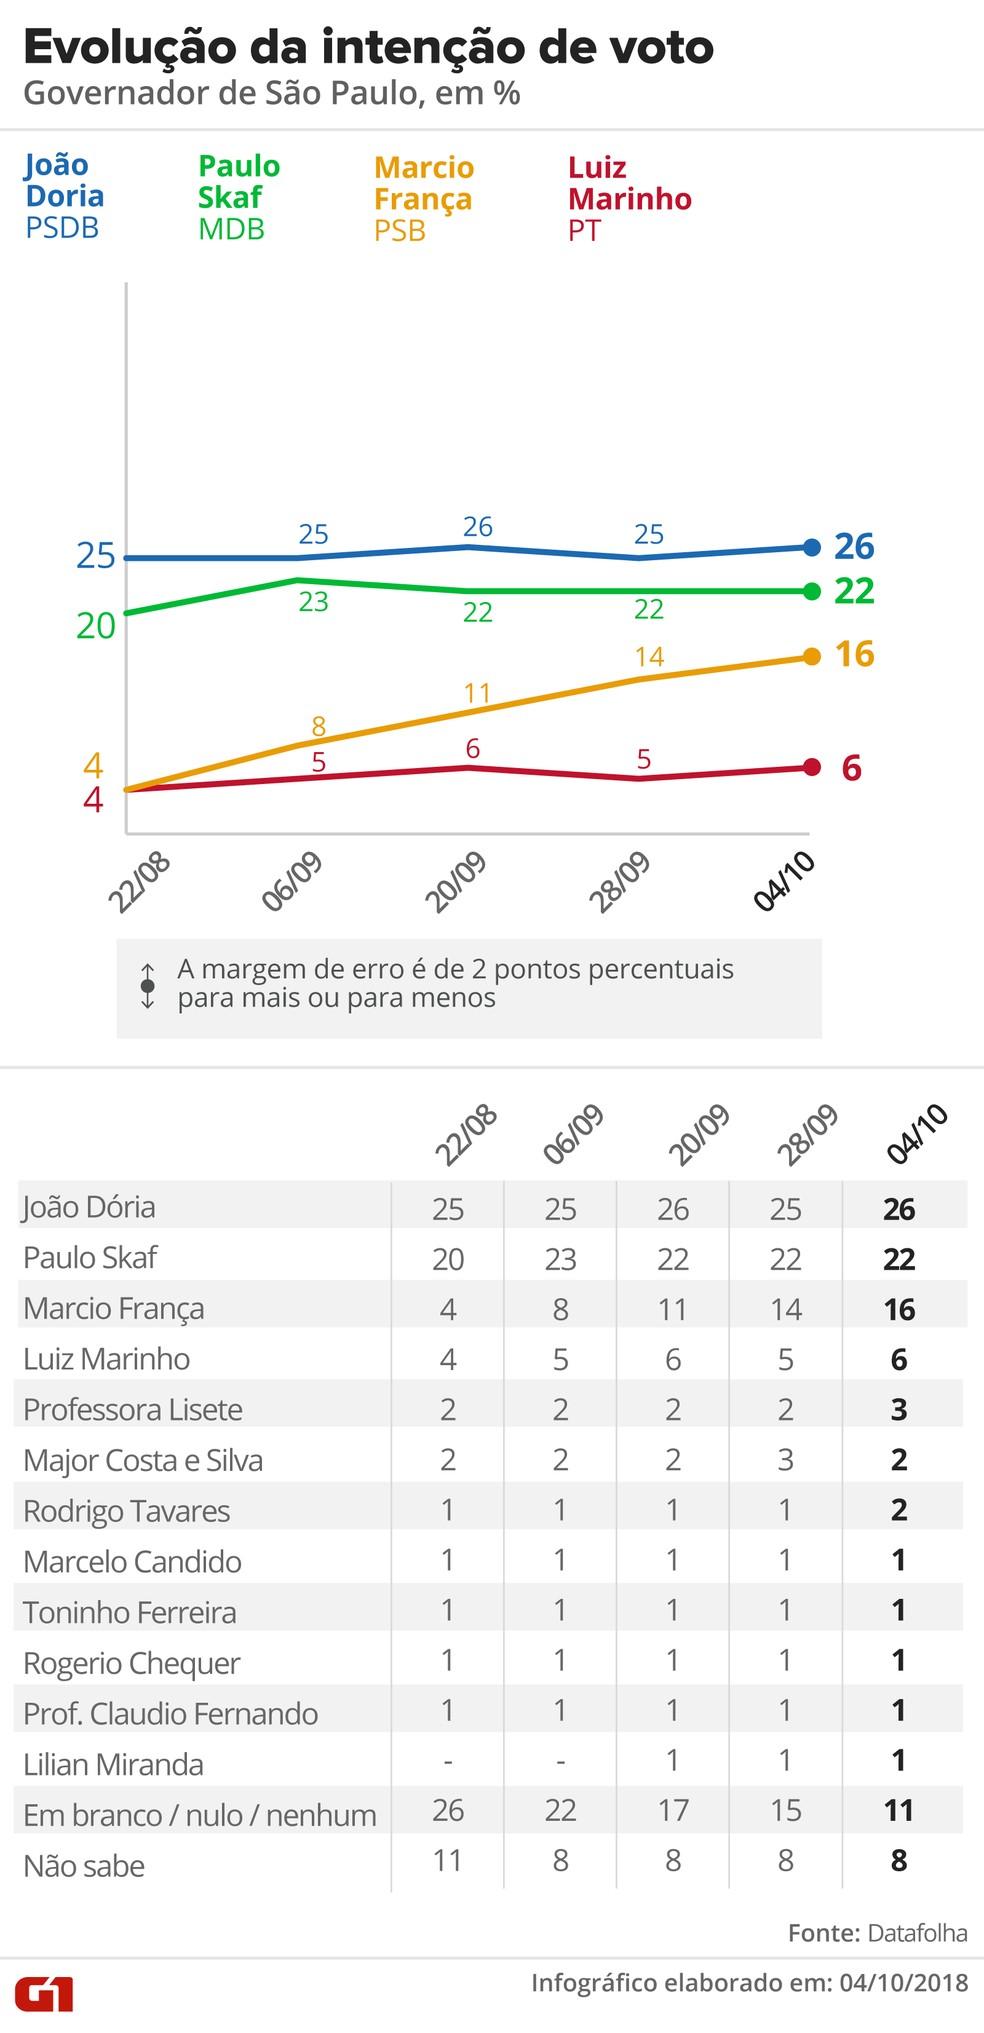 Veja a evolução da intenção de voto em SP segundo o Datafolha — Foto: Editoria de Arte/G1